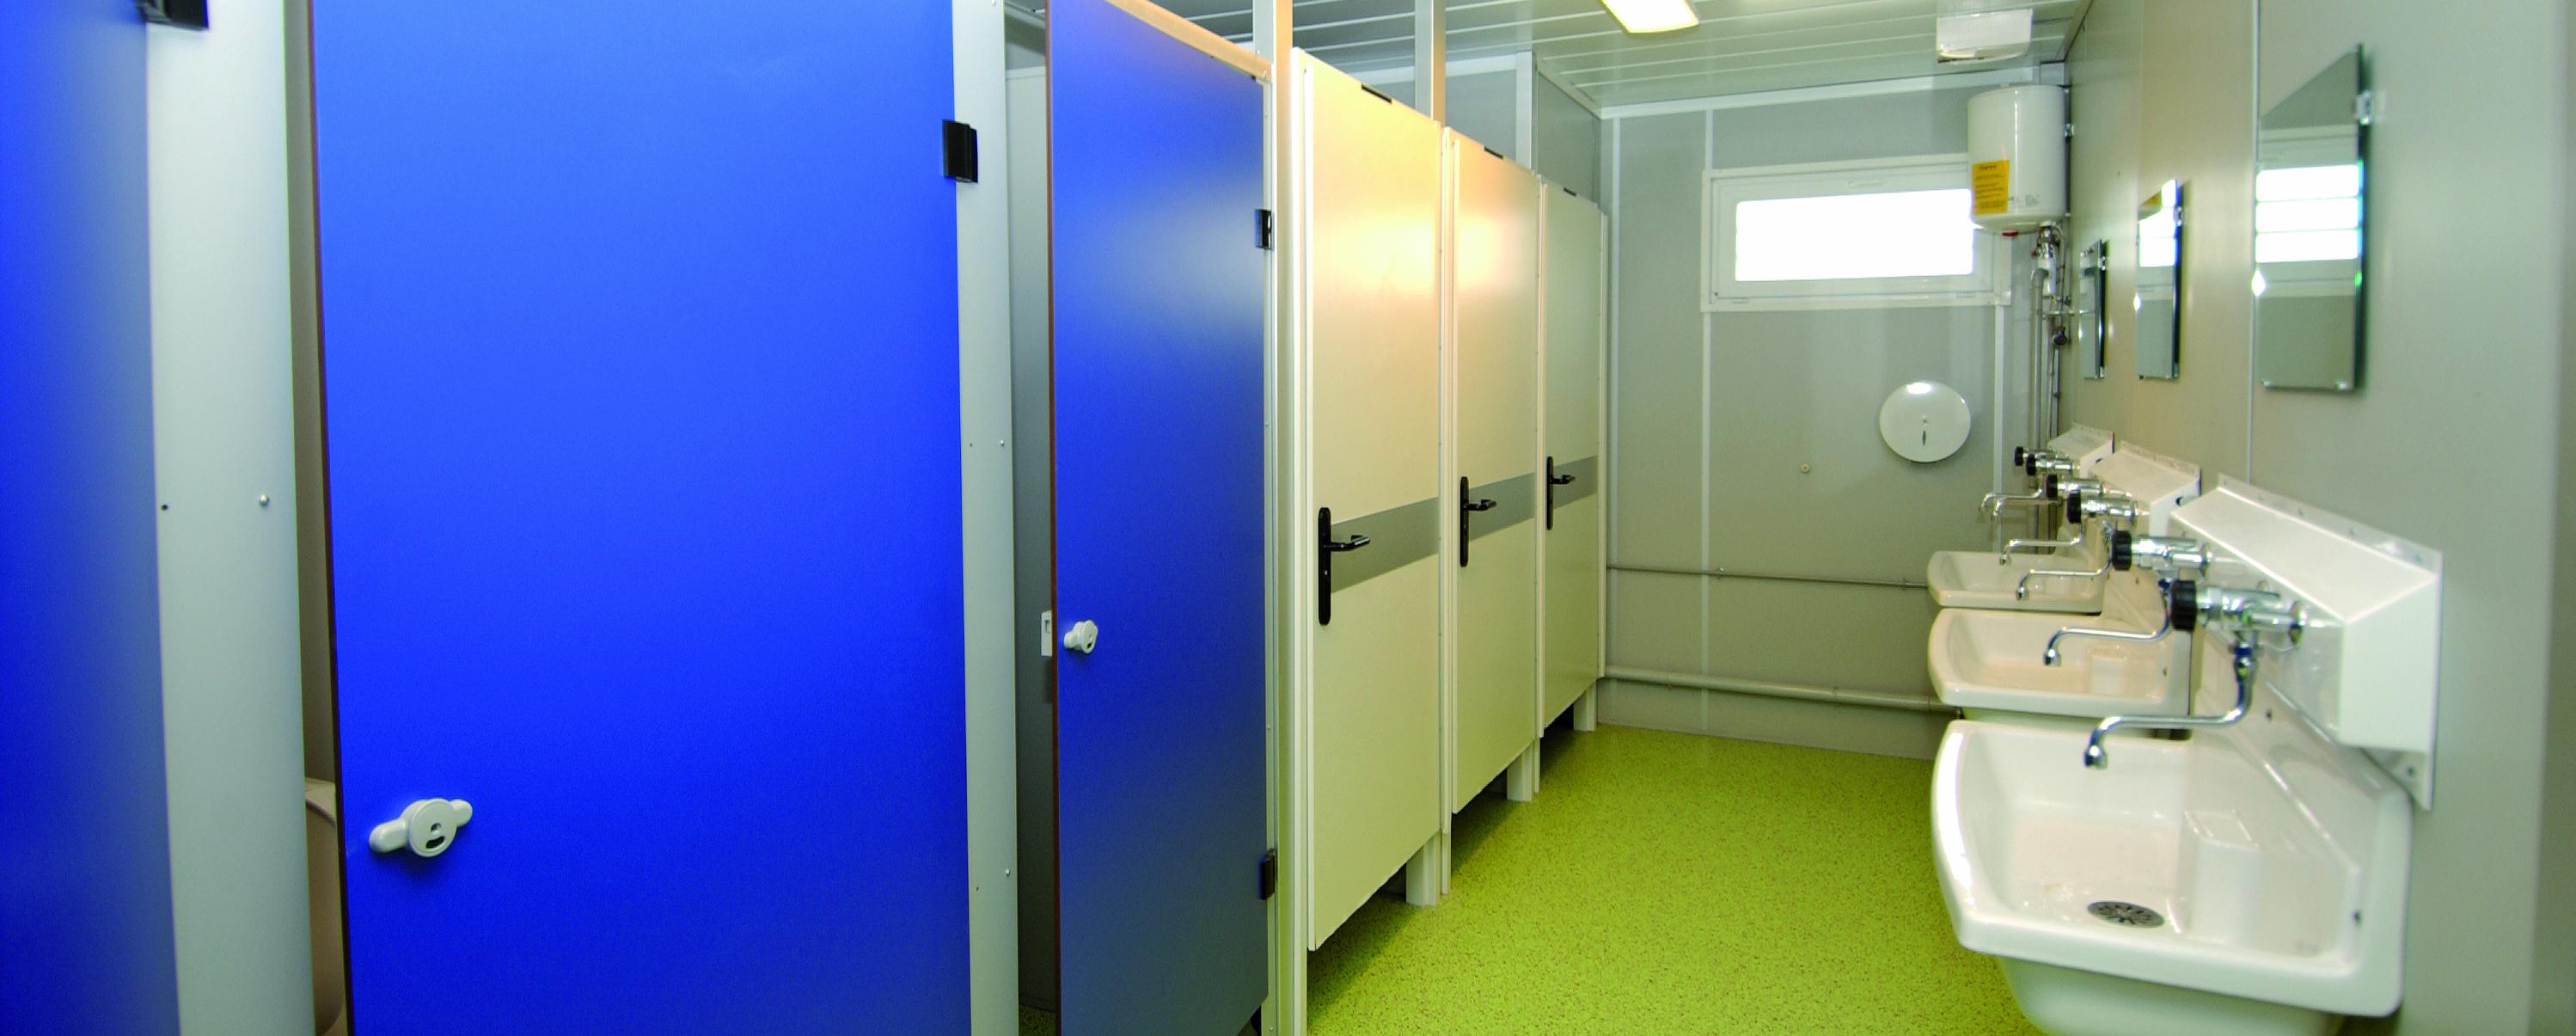 Wc De Chantier, Sanitaires De Chantier - Cougnaud Services tout Prix Location Toilette Chimique